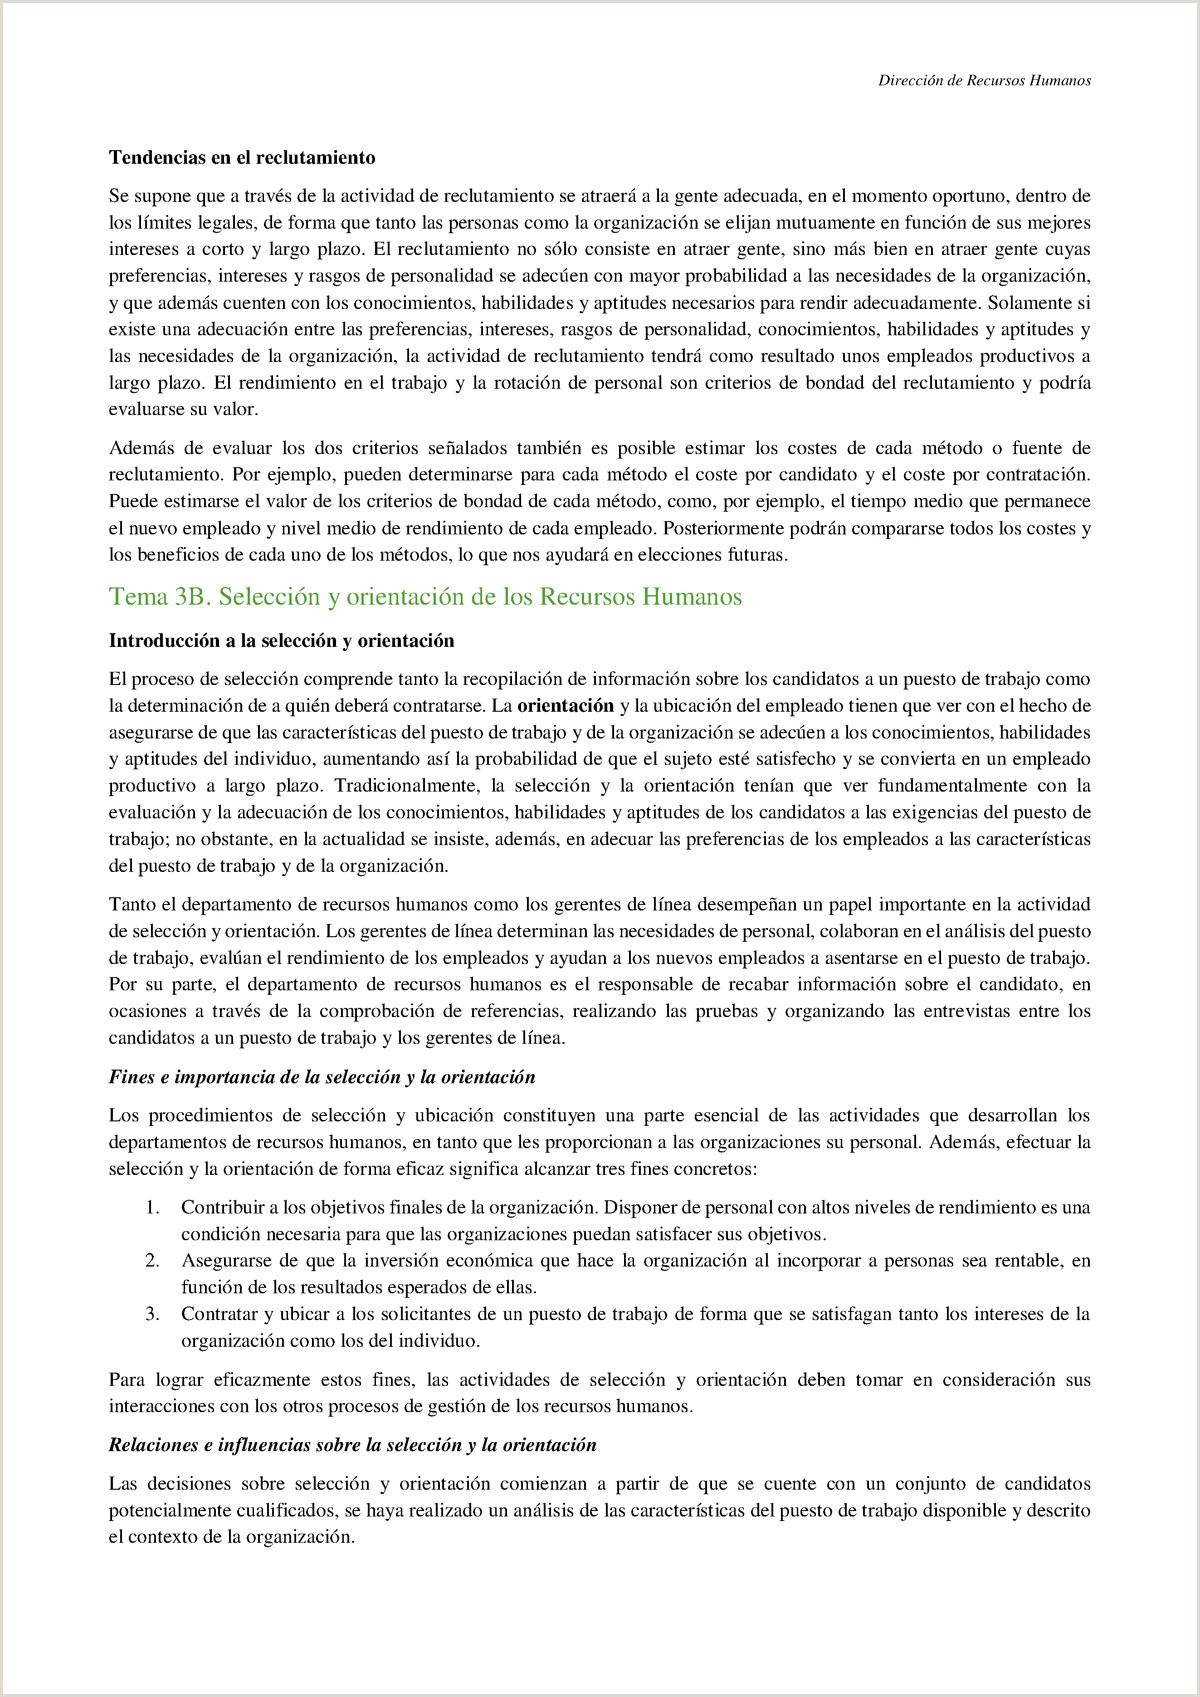 Formato Hoja De Vida Compensar Tema 3b Selecci³n Y orientaci³n De Los Rrhh